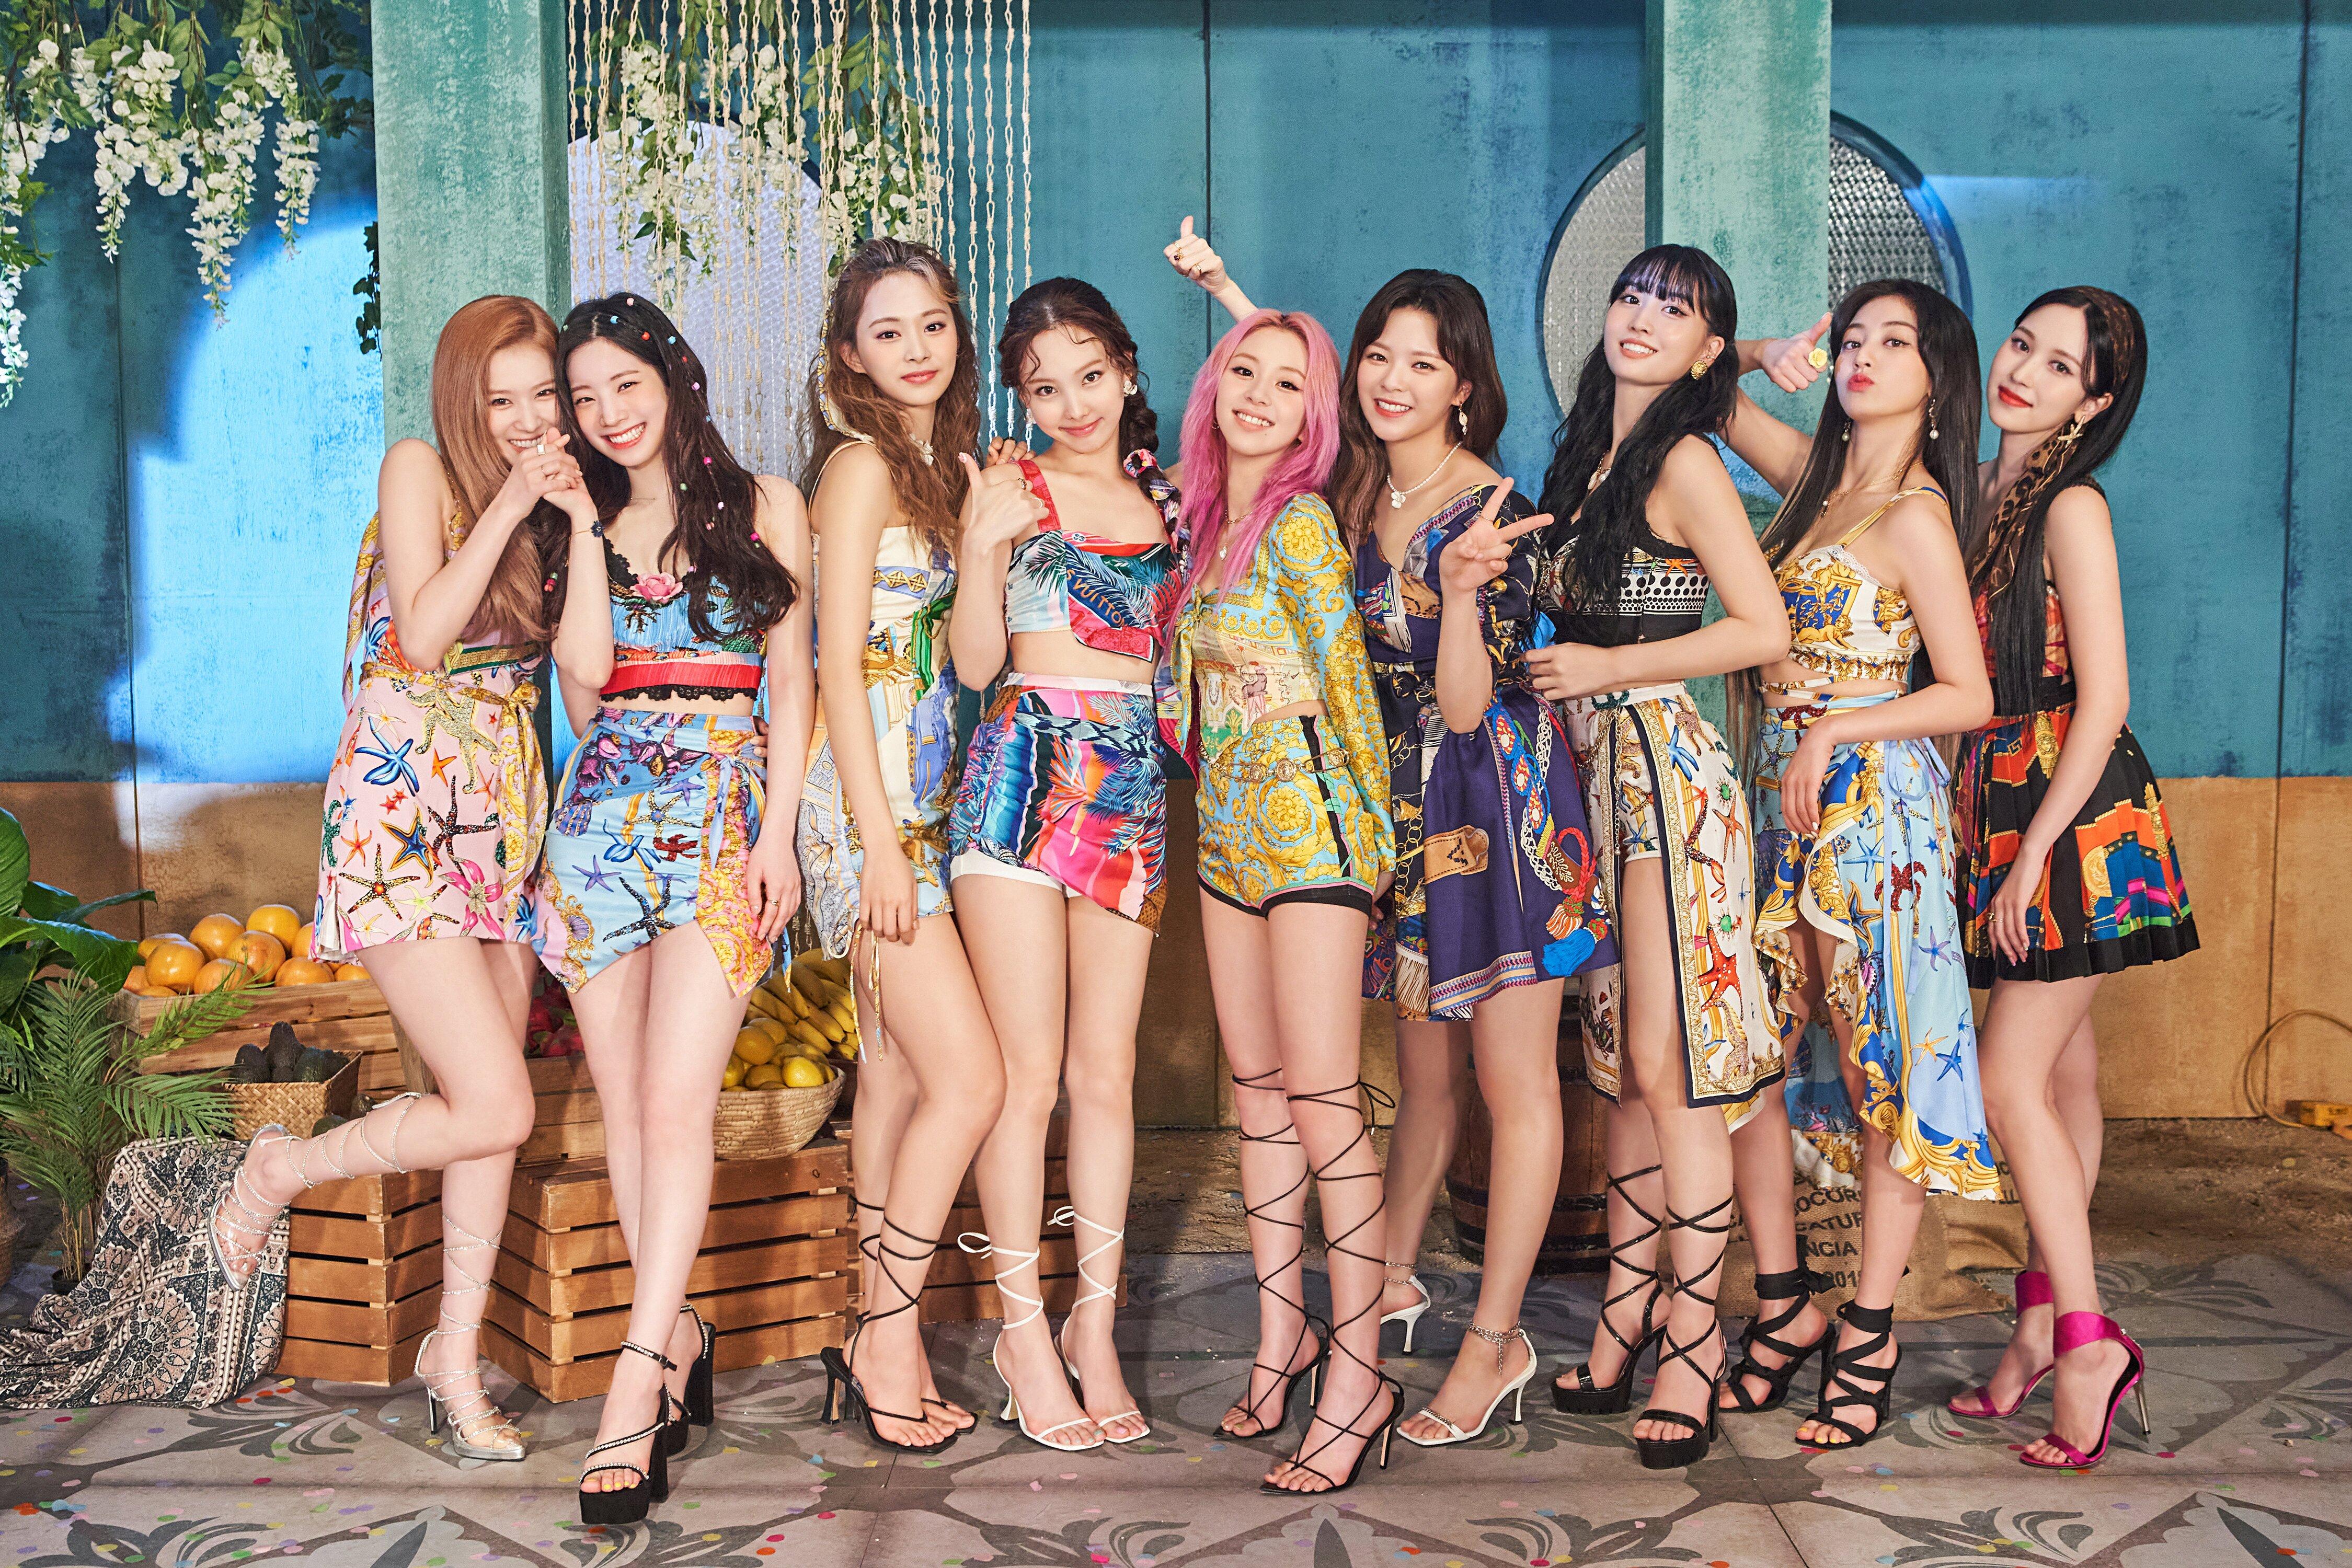 Twice Im Nayeon Twice Nayeon Twice JeongYeon Twice Jihyo Kim Dahyun Twice Dahyun Momo Twice Mina Sha 4499x3000